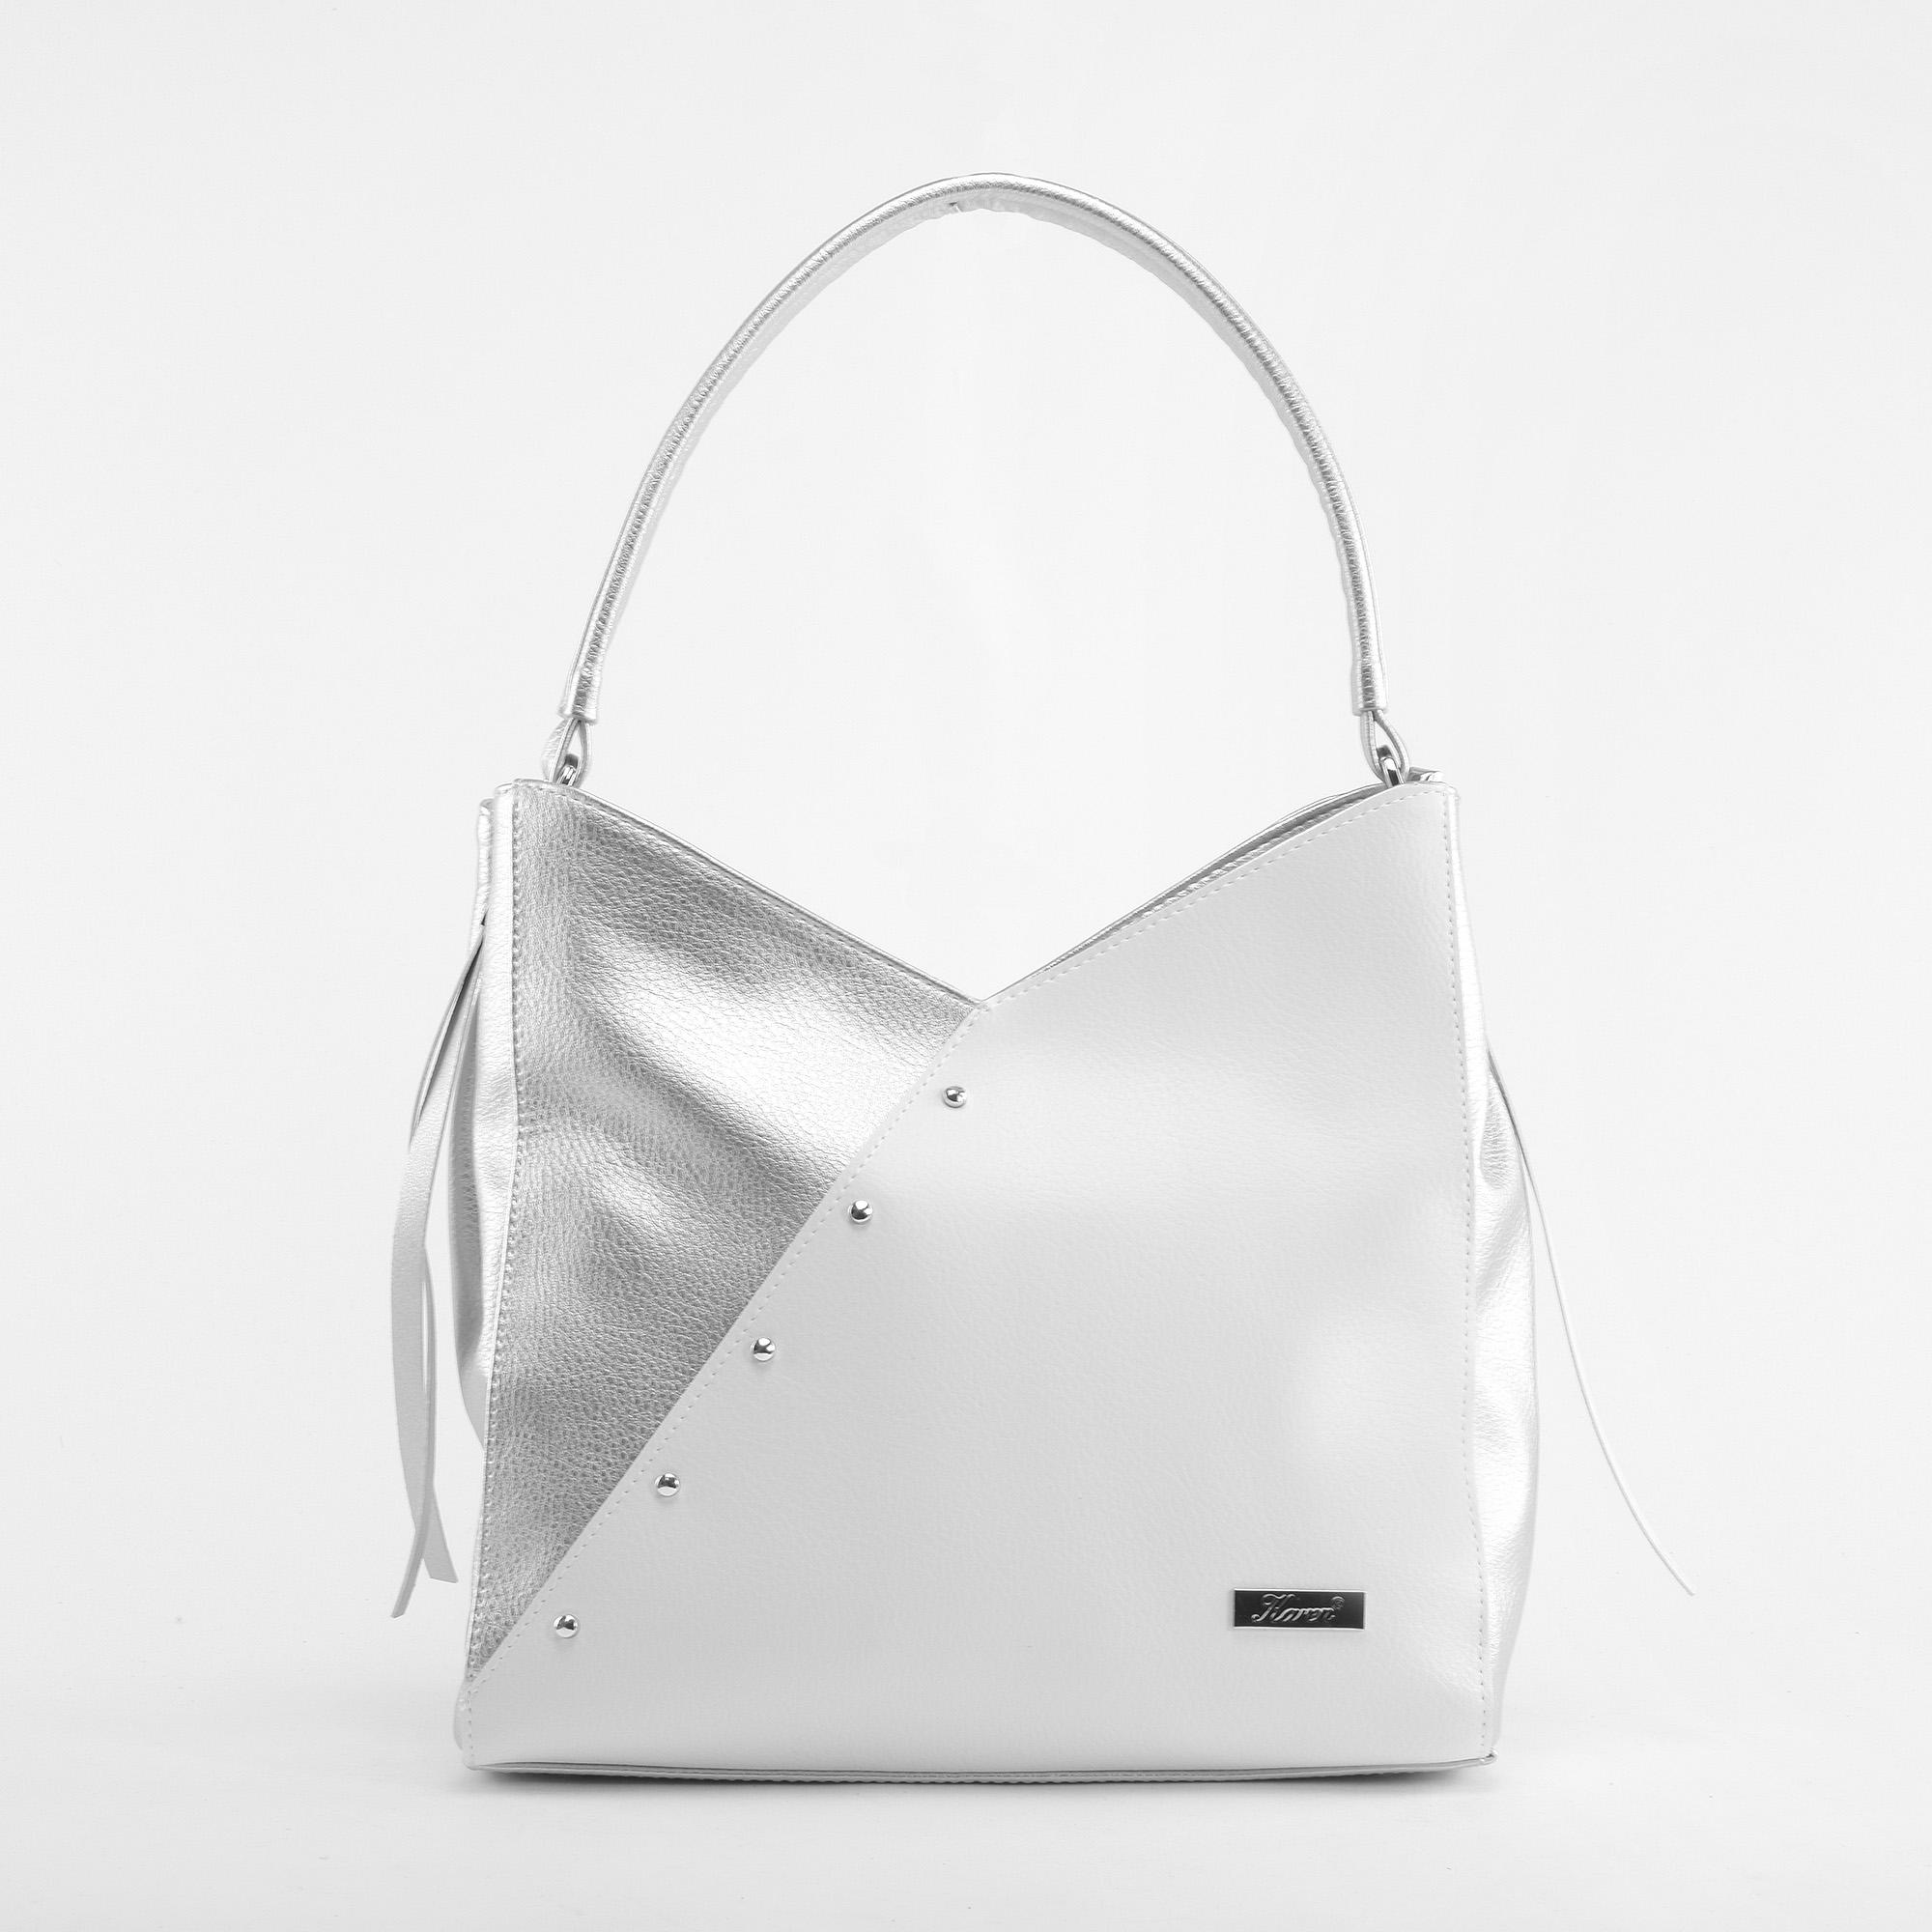 854fd86f28c7 Karen Ezüst-Fehér Női Szegecses Rostbőr Válltáska - Válltáskák - Táska  webáruház - Minőségi táskák mindenkinek